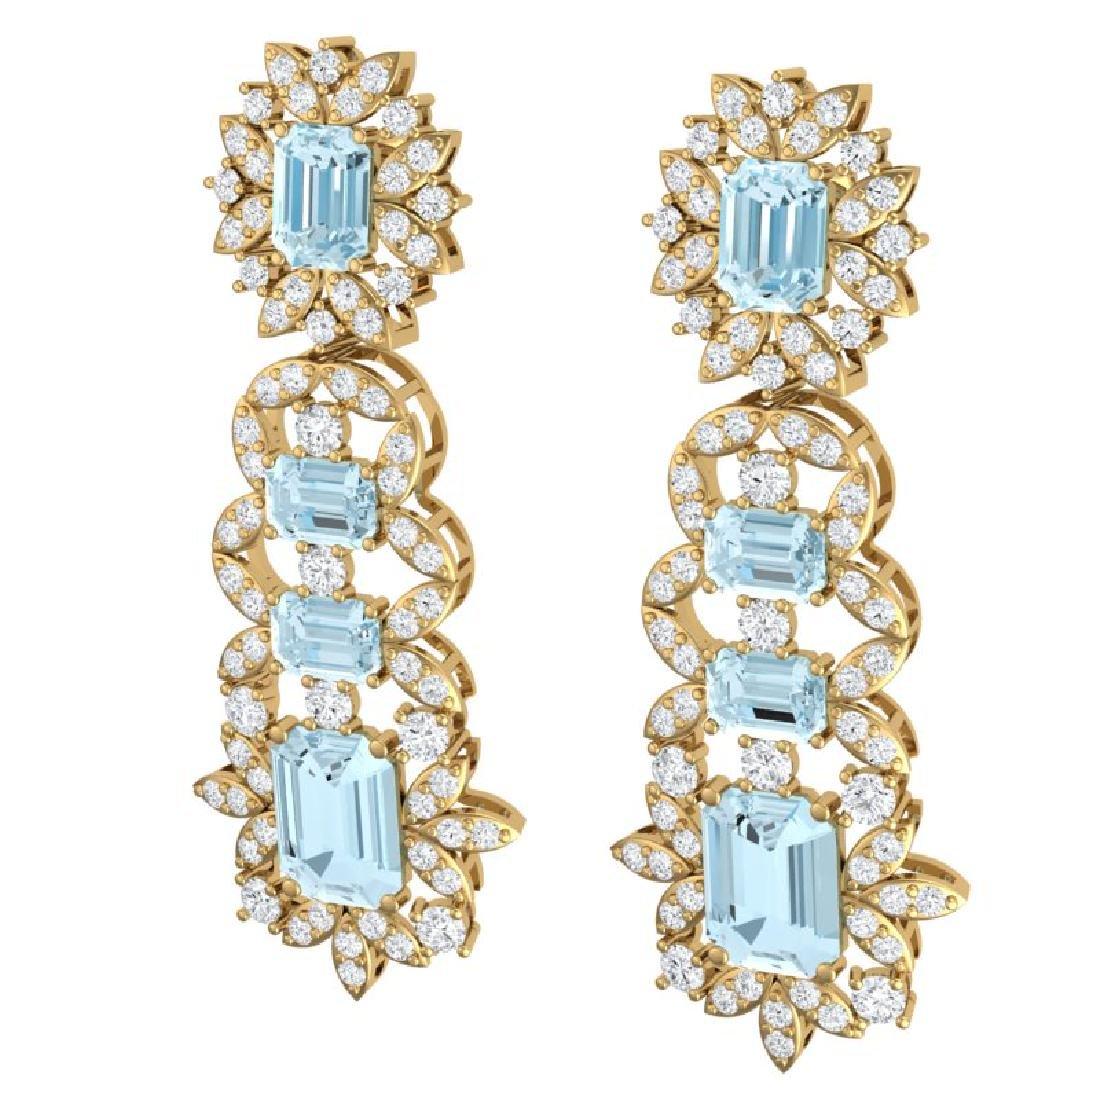 33.36 CTW Royalty Sky Topaz & VS Diamond Earrings 18K - 2